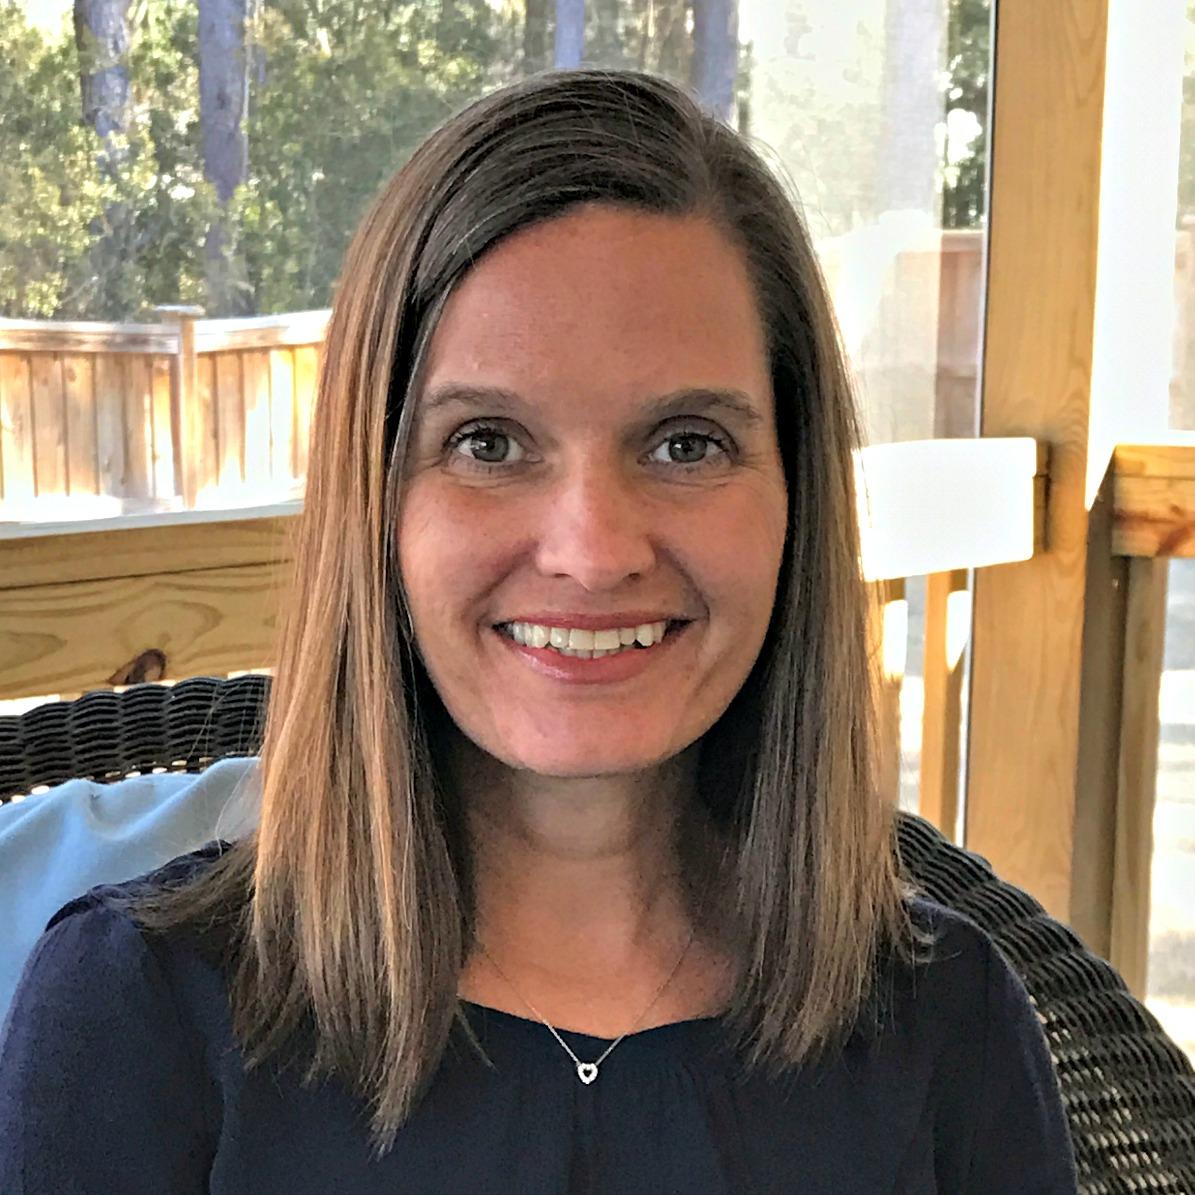 gretchen roberts - LWS.com Admin, HS mom of 5, Mom Heart leader, pediatrician, NC coast